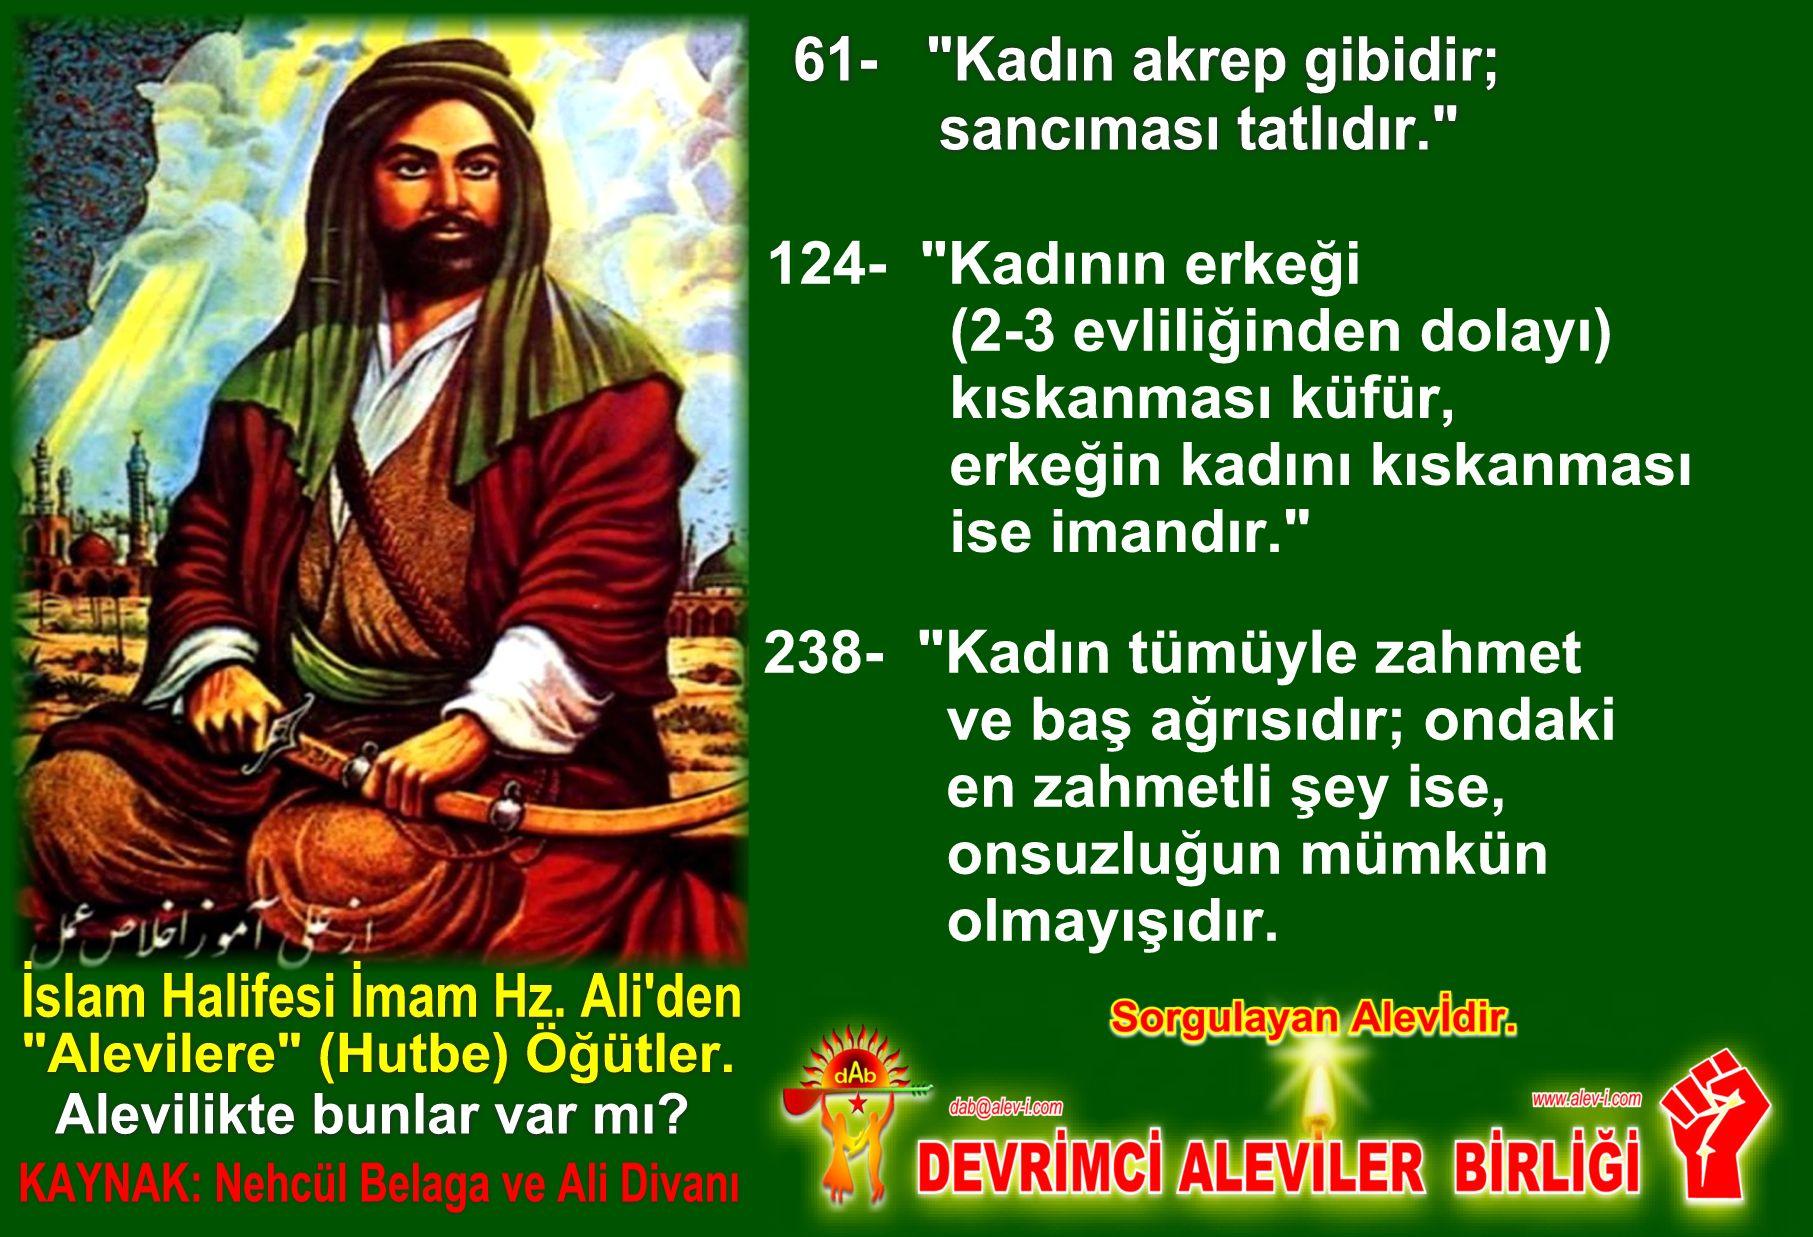 12 Hz imam Ali divani Alevi bektasi kizilbas pir sultan cemevi cem semah devrimci aleviler birligi DAB Feramuz Sah Acar halife imam hz ali den inciler3